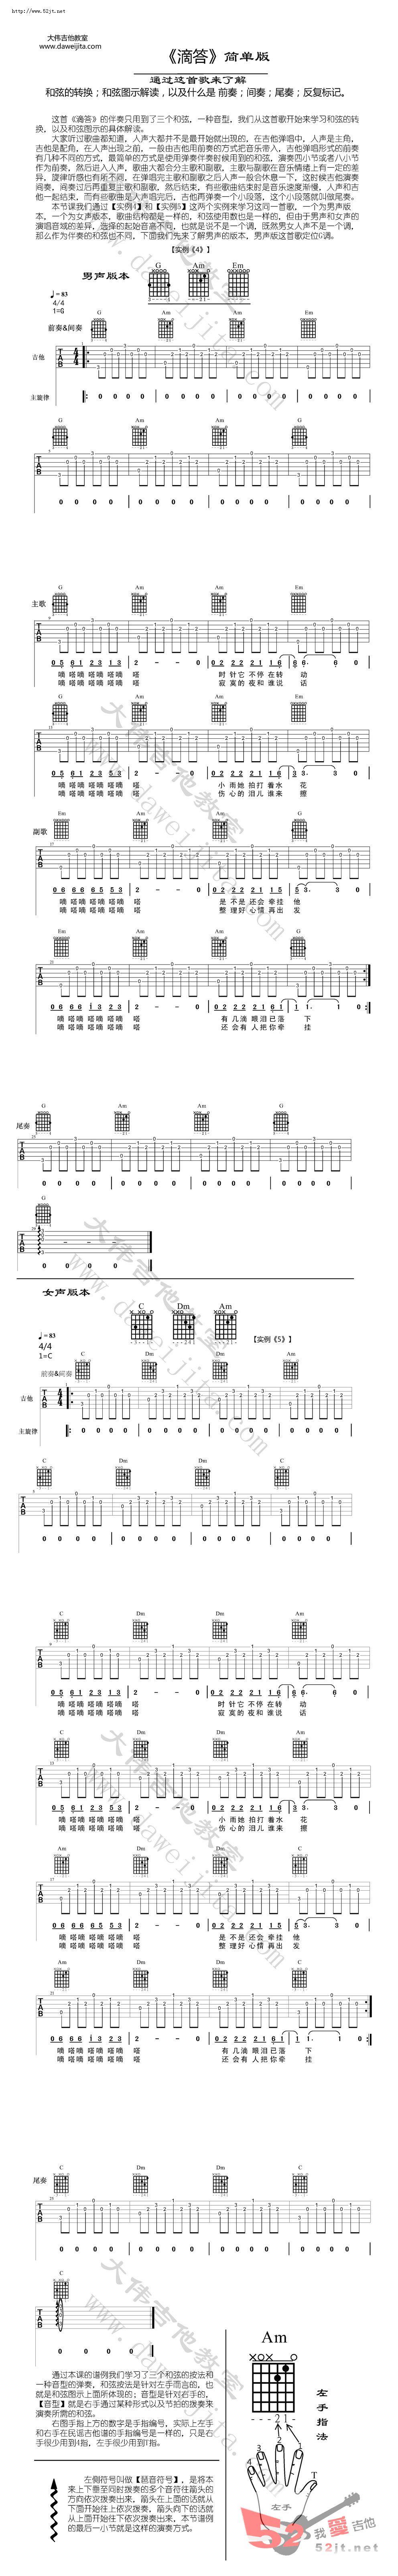 《滴答 简单版吉他谱视频》吉他谱